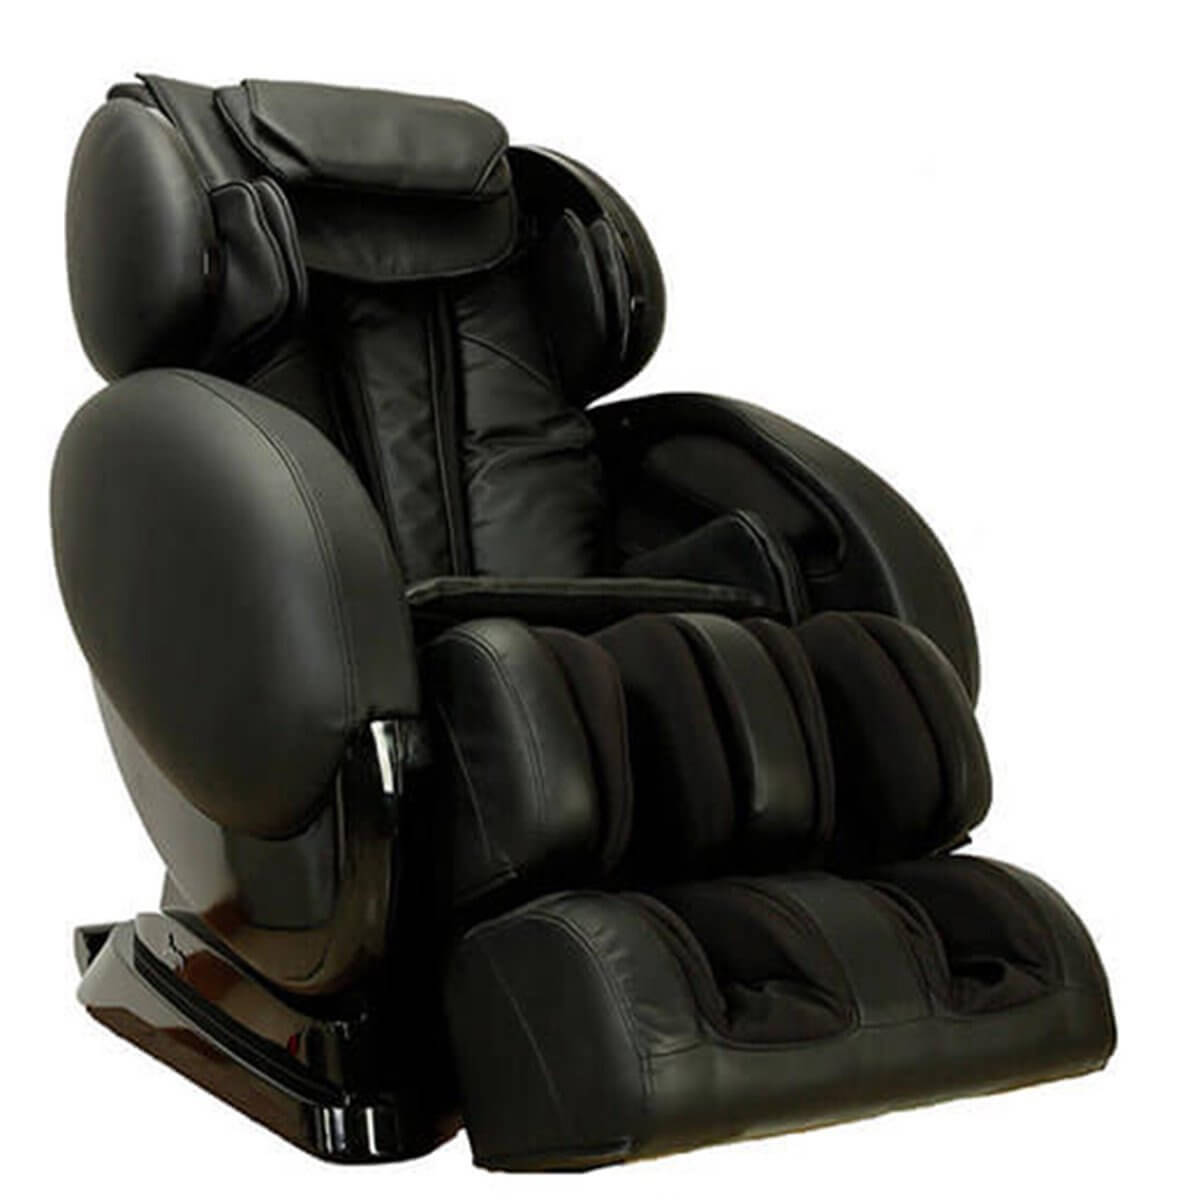 массажное кресло - Массажные кресла. Виды, инструкция, уход